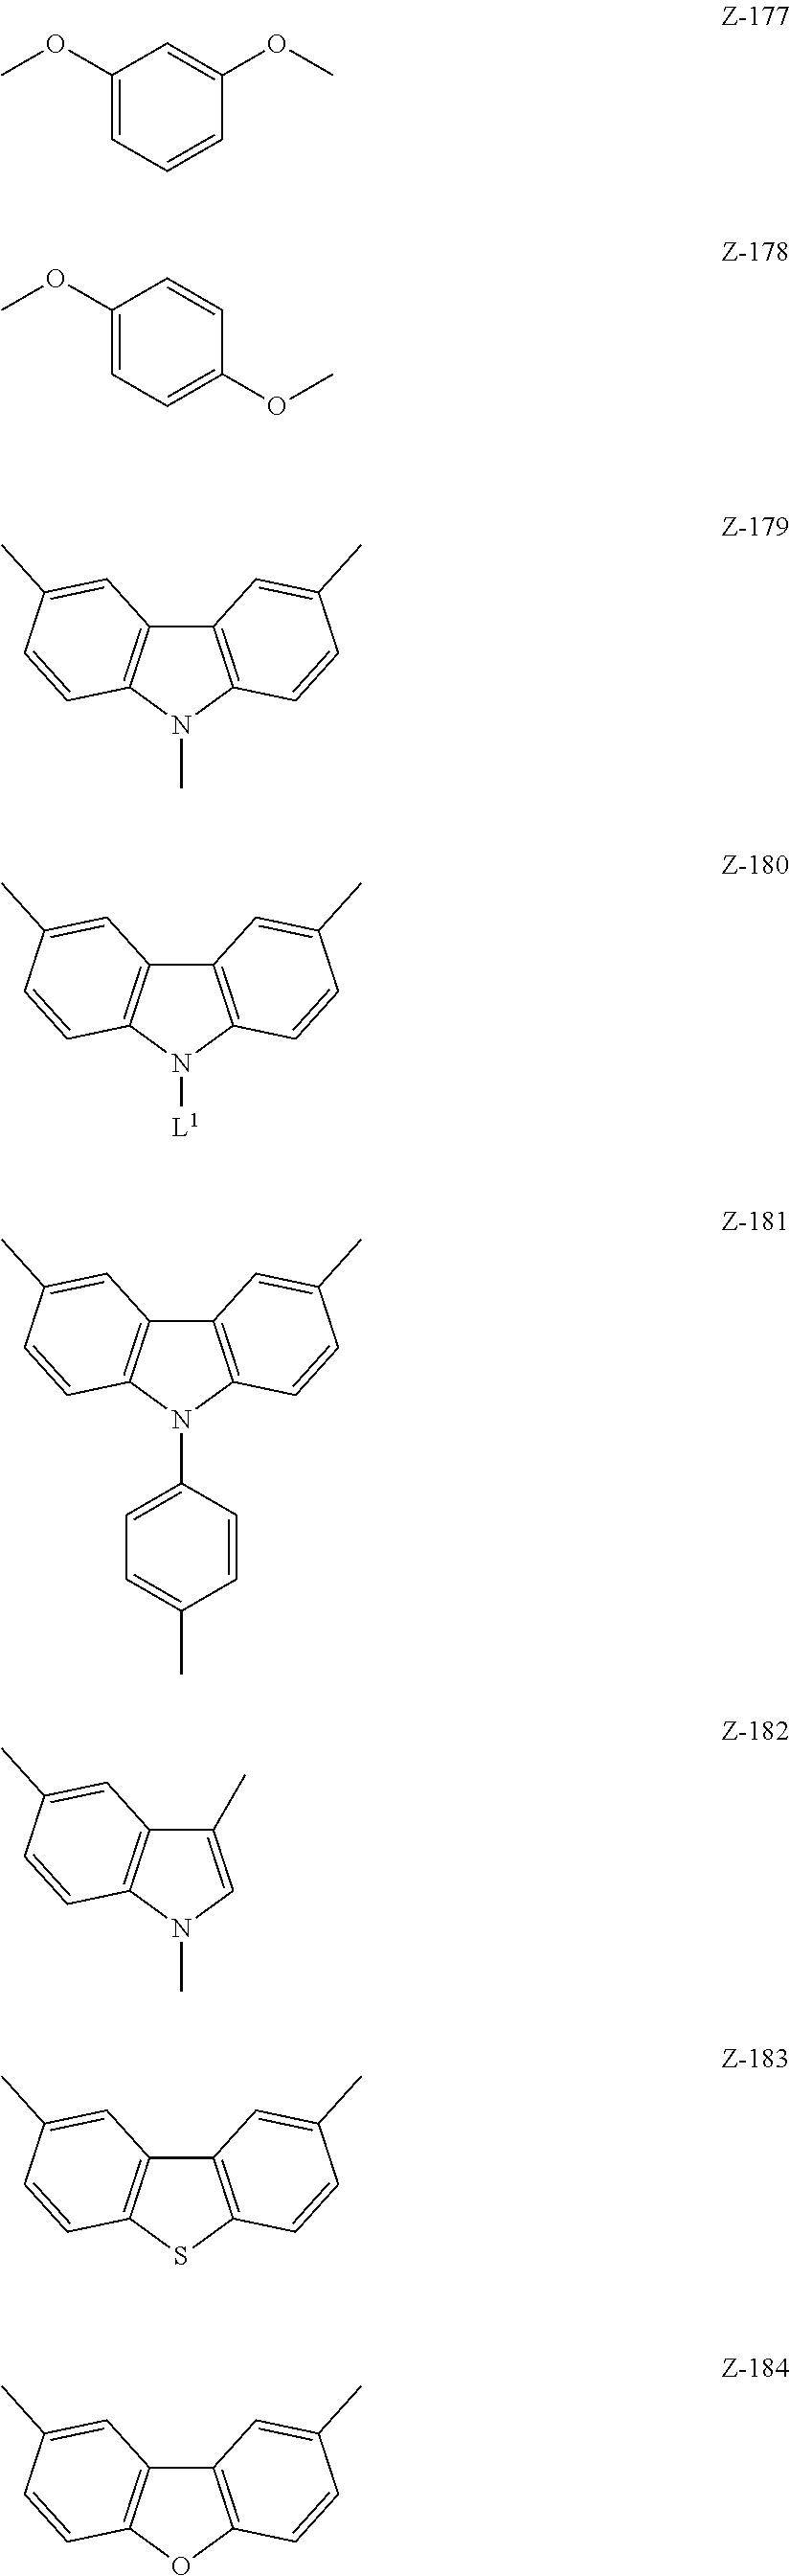 Figure US20110215312A1-20110908-C00052